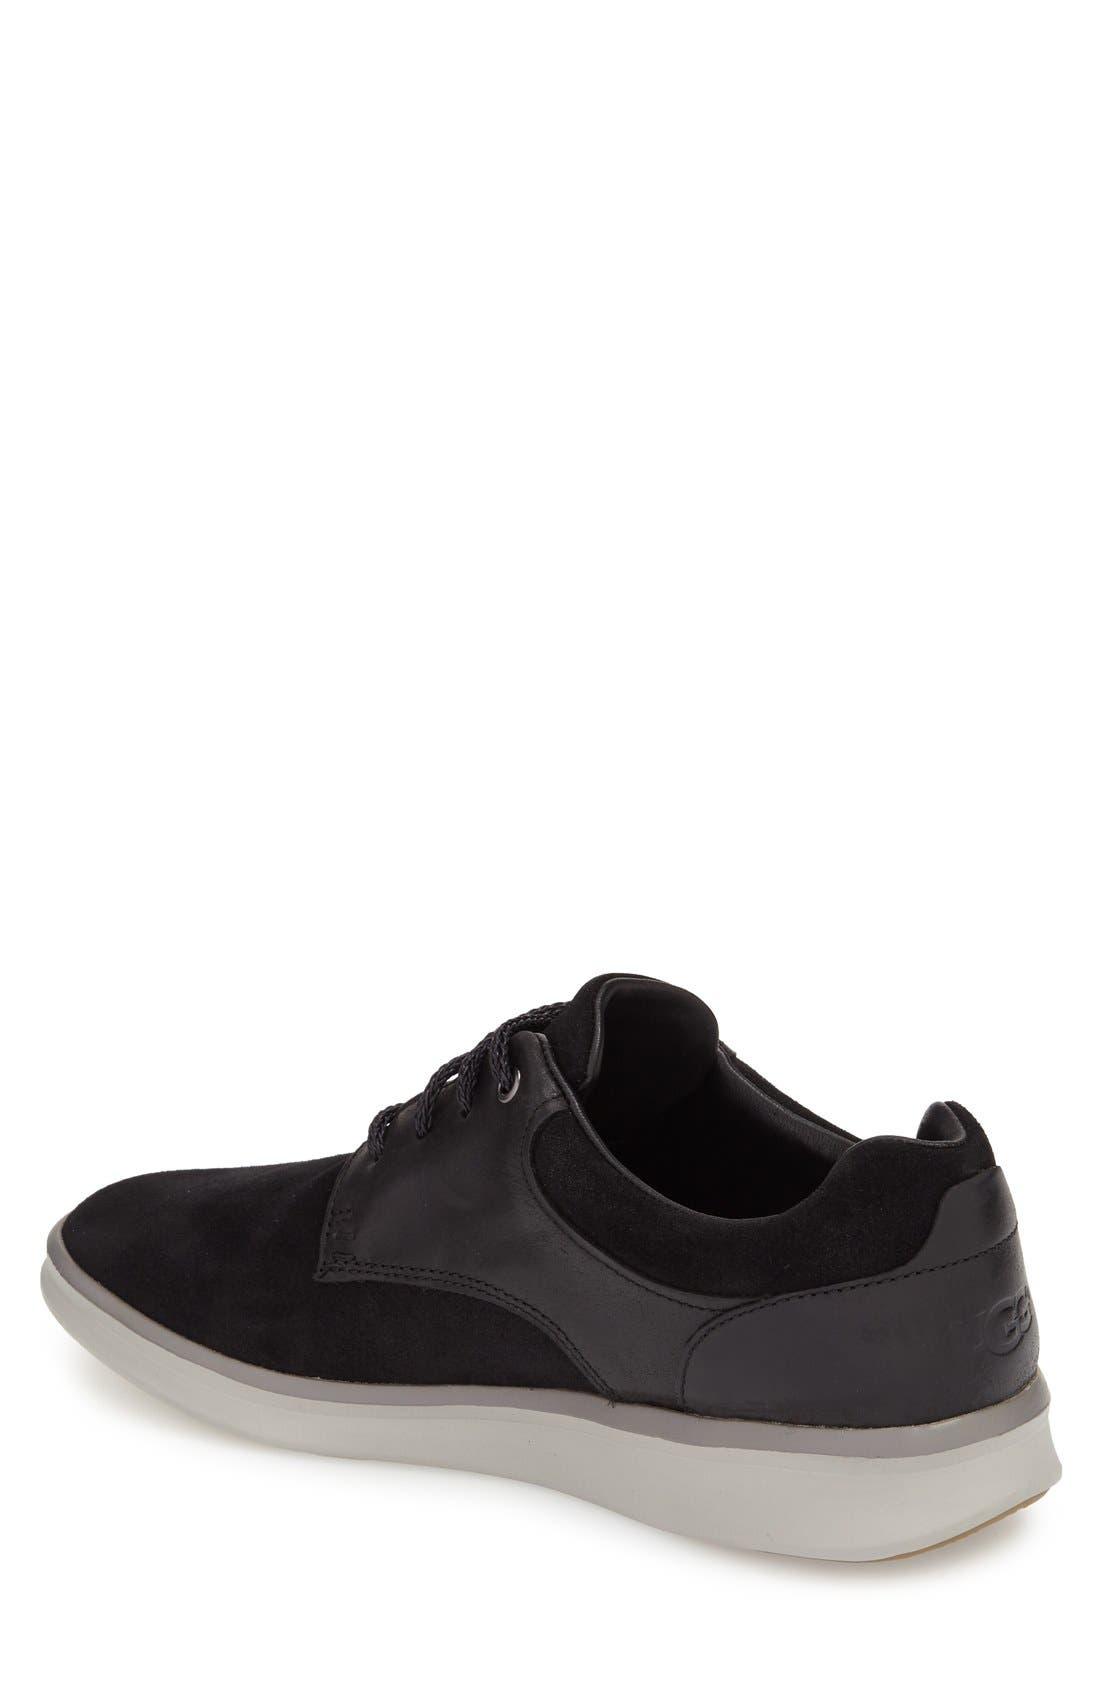 'Hepner' Sneaker,                             Alternate thumbnail 2, color,                             002